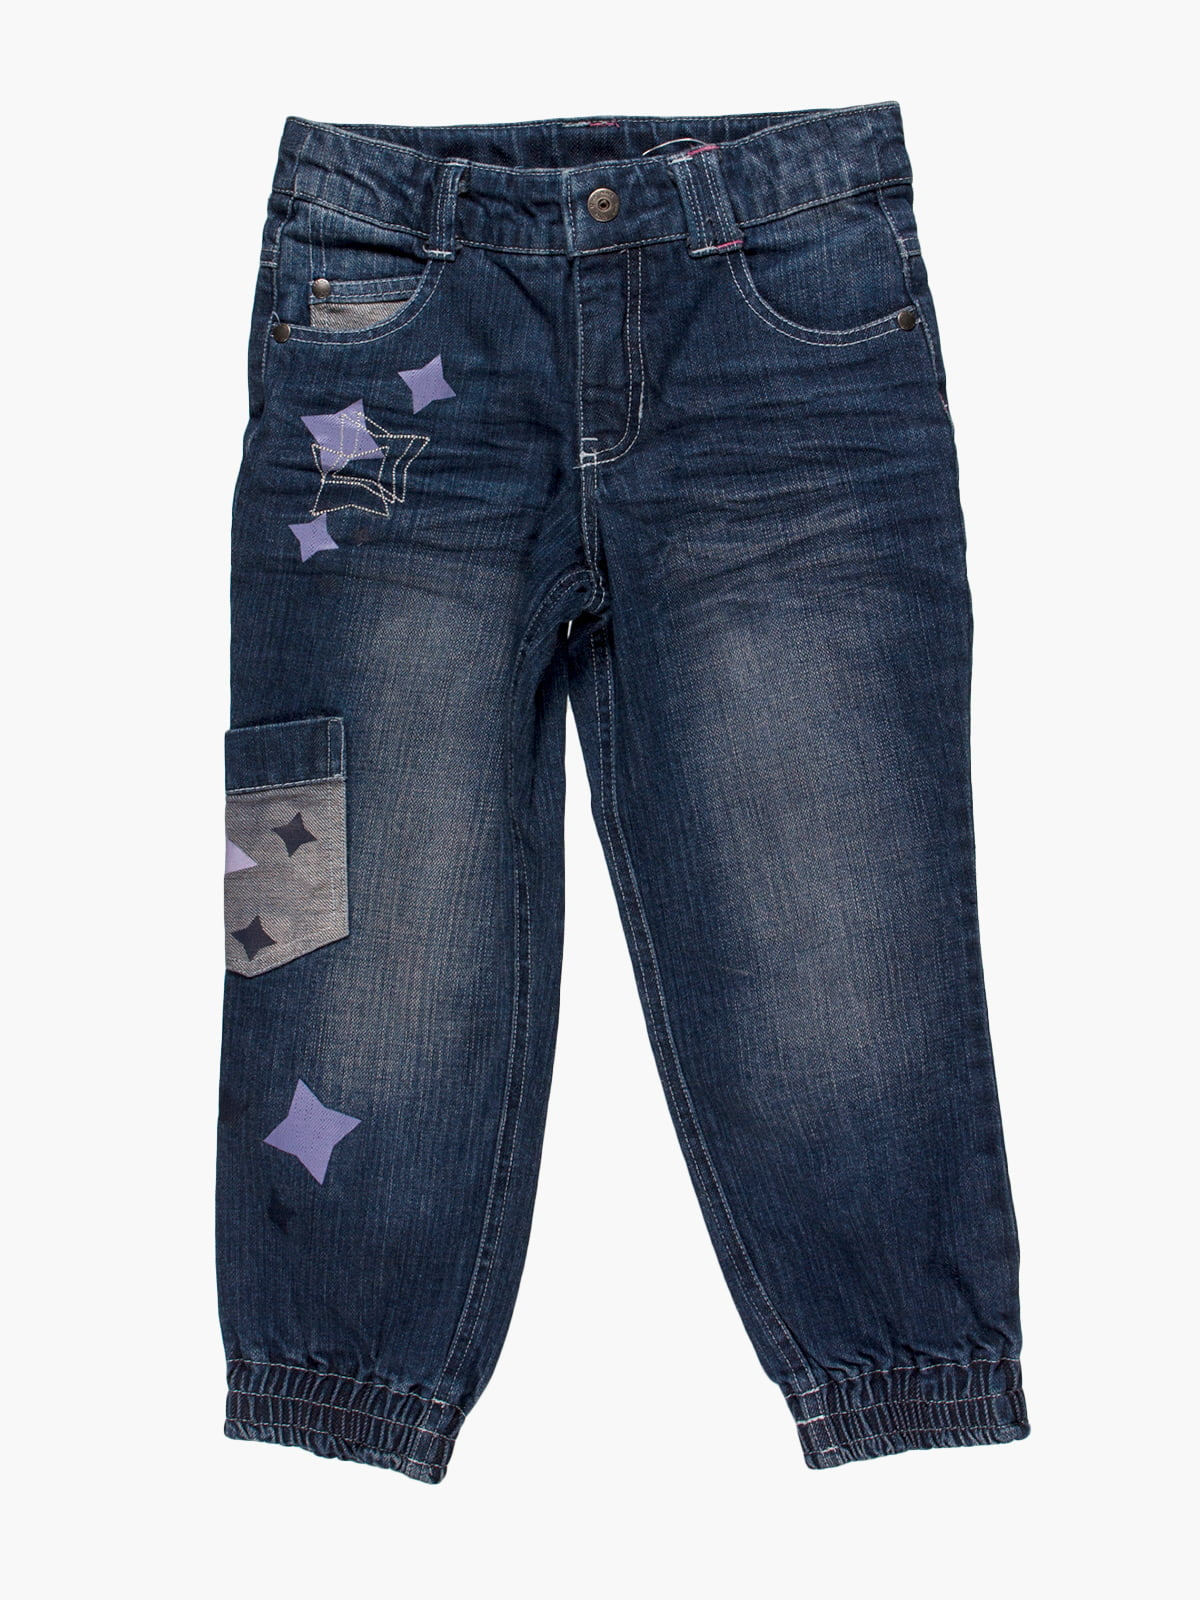 Джинси темно-сині з принтом і кишенею   4398193